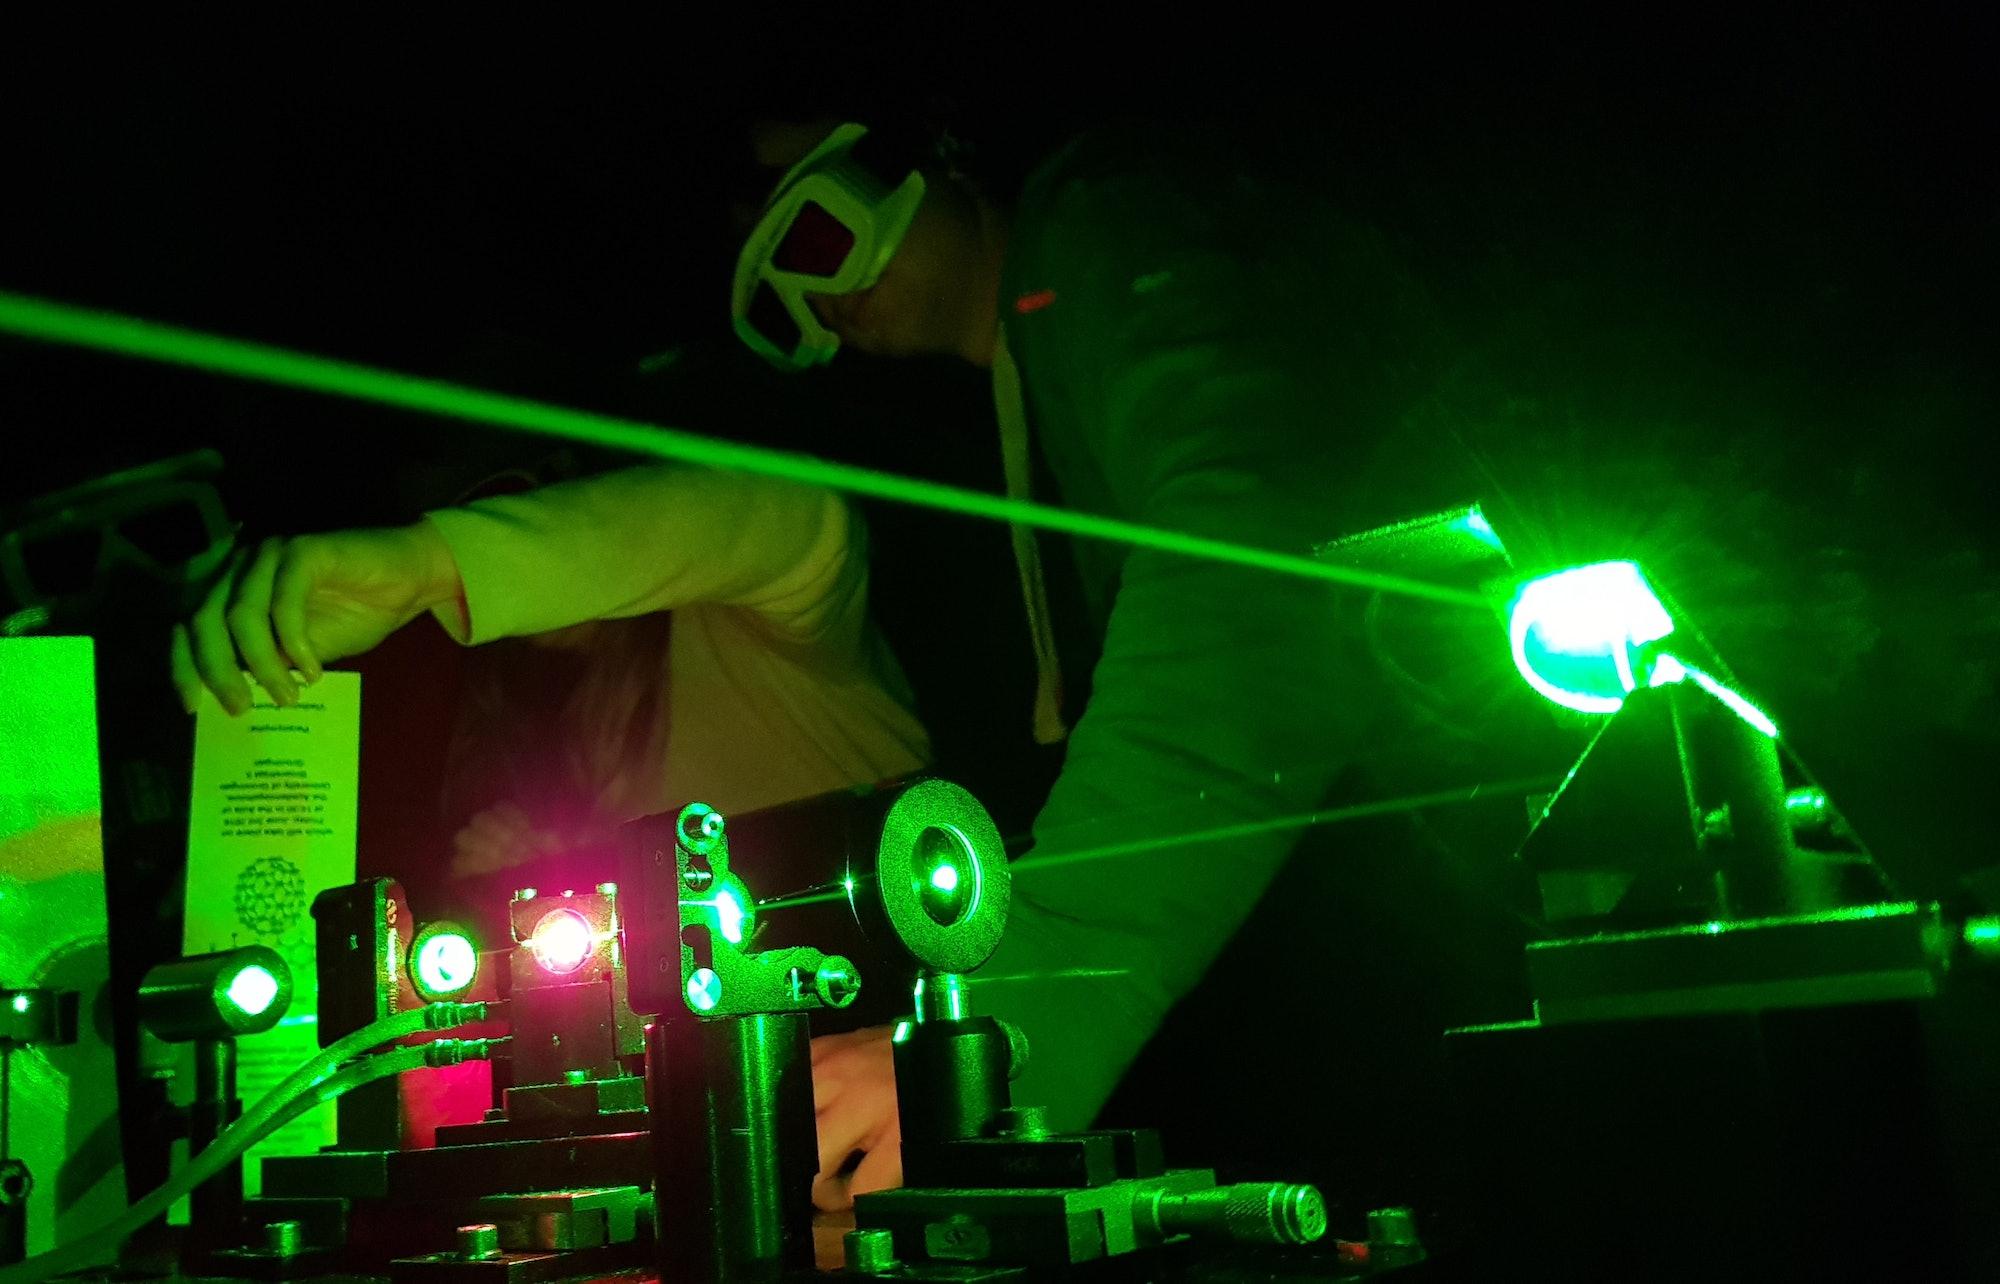 A set up for ultra-fast spectroscopy.